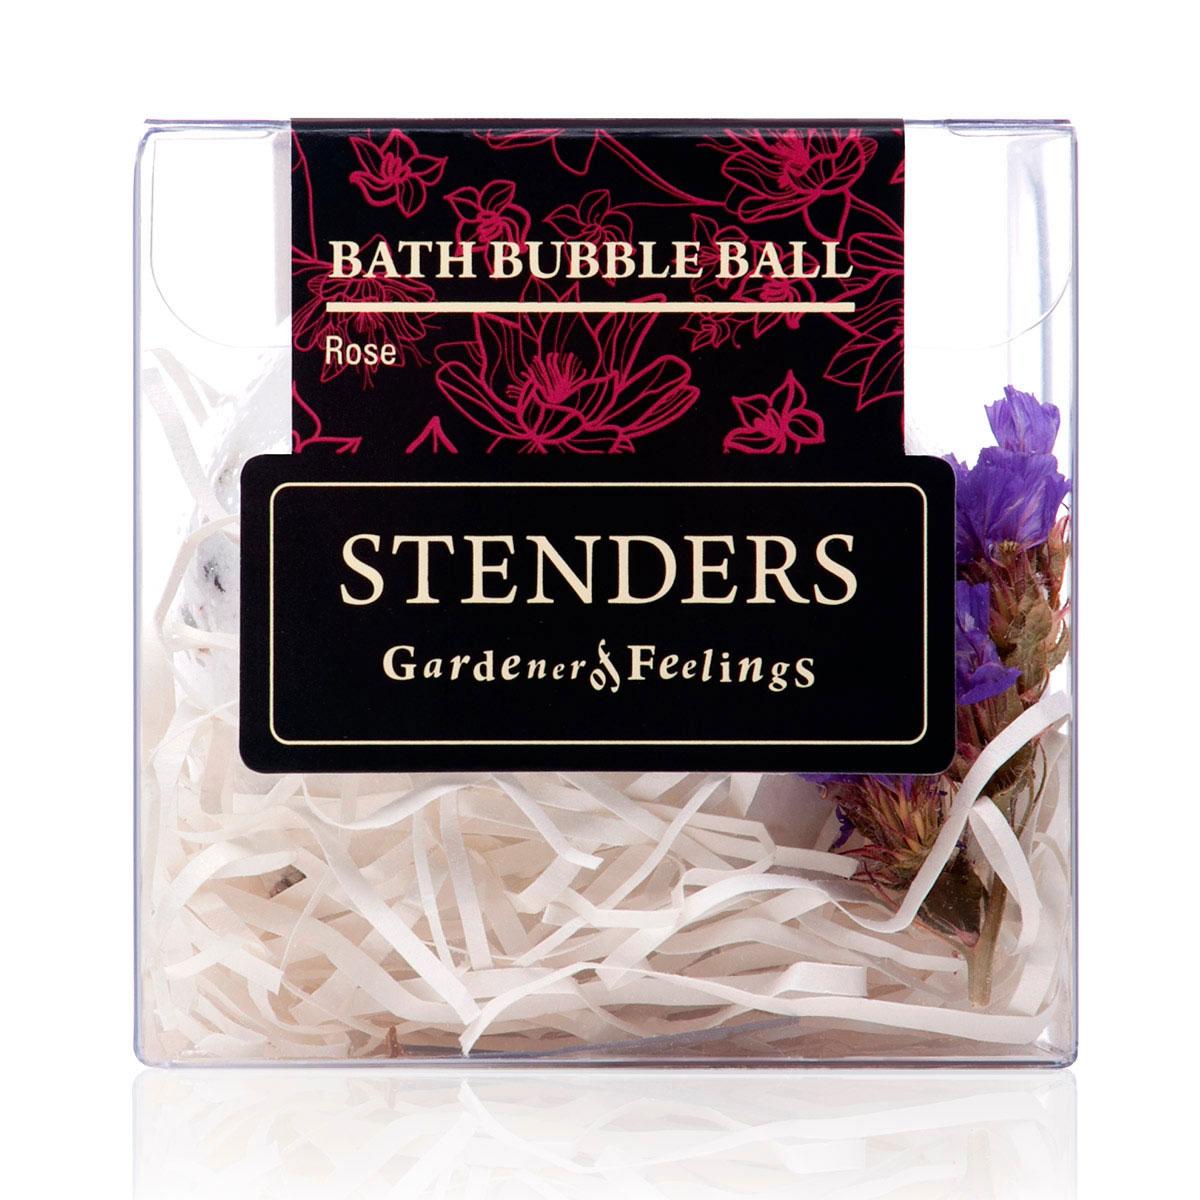 Stenders Бурлящий шар Розовый, 125 гSISBB06Ваши любимые бурлящие шары, упакованные в красивую коробку - готовы удивлять и радовать. Этот изготовленный умелыми руками бурлящий шар для ванны наполнит помещение волнующим сердце королевским ароматом роз. Пока вы будете наслаждаться расслабленным отдыхом, о вашей коже позаботятся содержащиеся в шарике кристаллы соли и масло виноградных косточек. А в ванне распустятся изысканные лепестки розы, вдохновляя вас на романтические мгновения для двоих.Масло виноградных косточек особенно хорошо тем, что содержит ненасыщенные жирные кислоты в большой концентрации. Оно придаст жизненную силу вашей коже, тщательно увлажняя и смягчая ее. Кристаллы соли моря богаты ионами кальция, калия и натрия. Эти вещества очистят вашу кожу и укрепят ногти. Релаксирующая ванна с солью помогает регулировать уровень влаги в клетках, устраняя припухлость и снимая усталость.